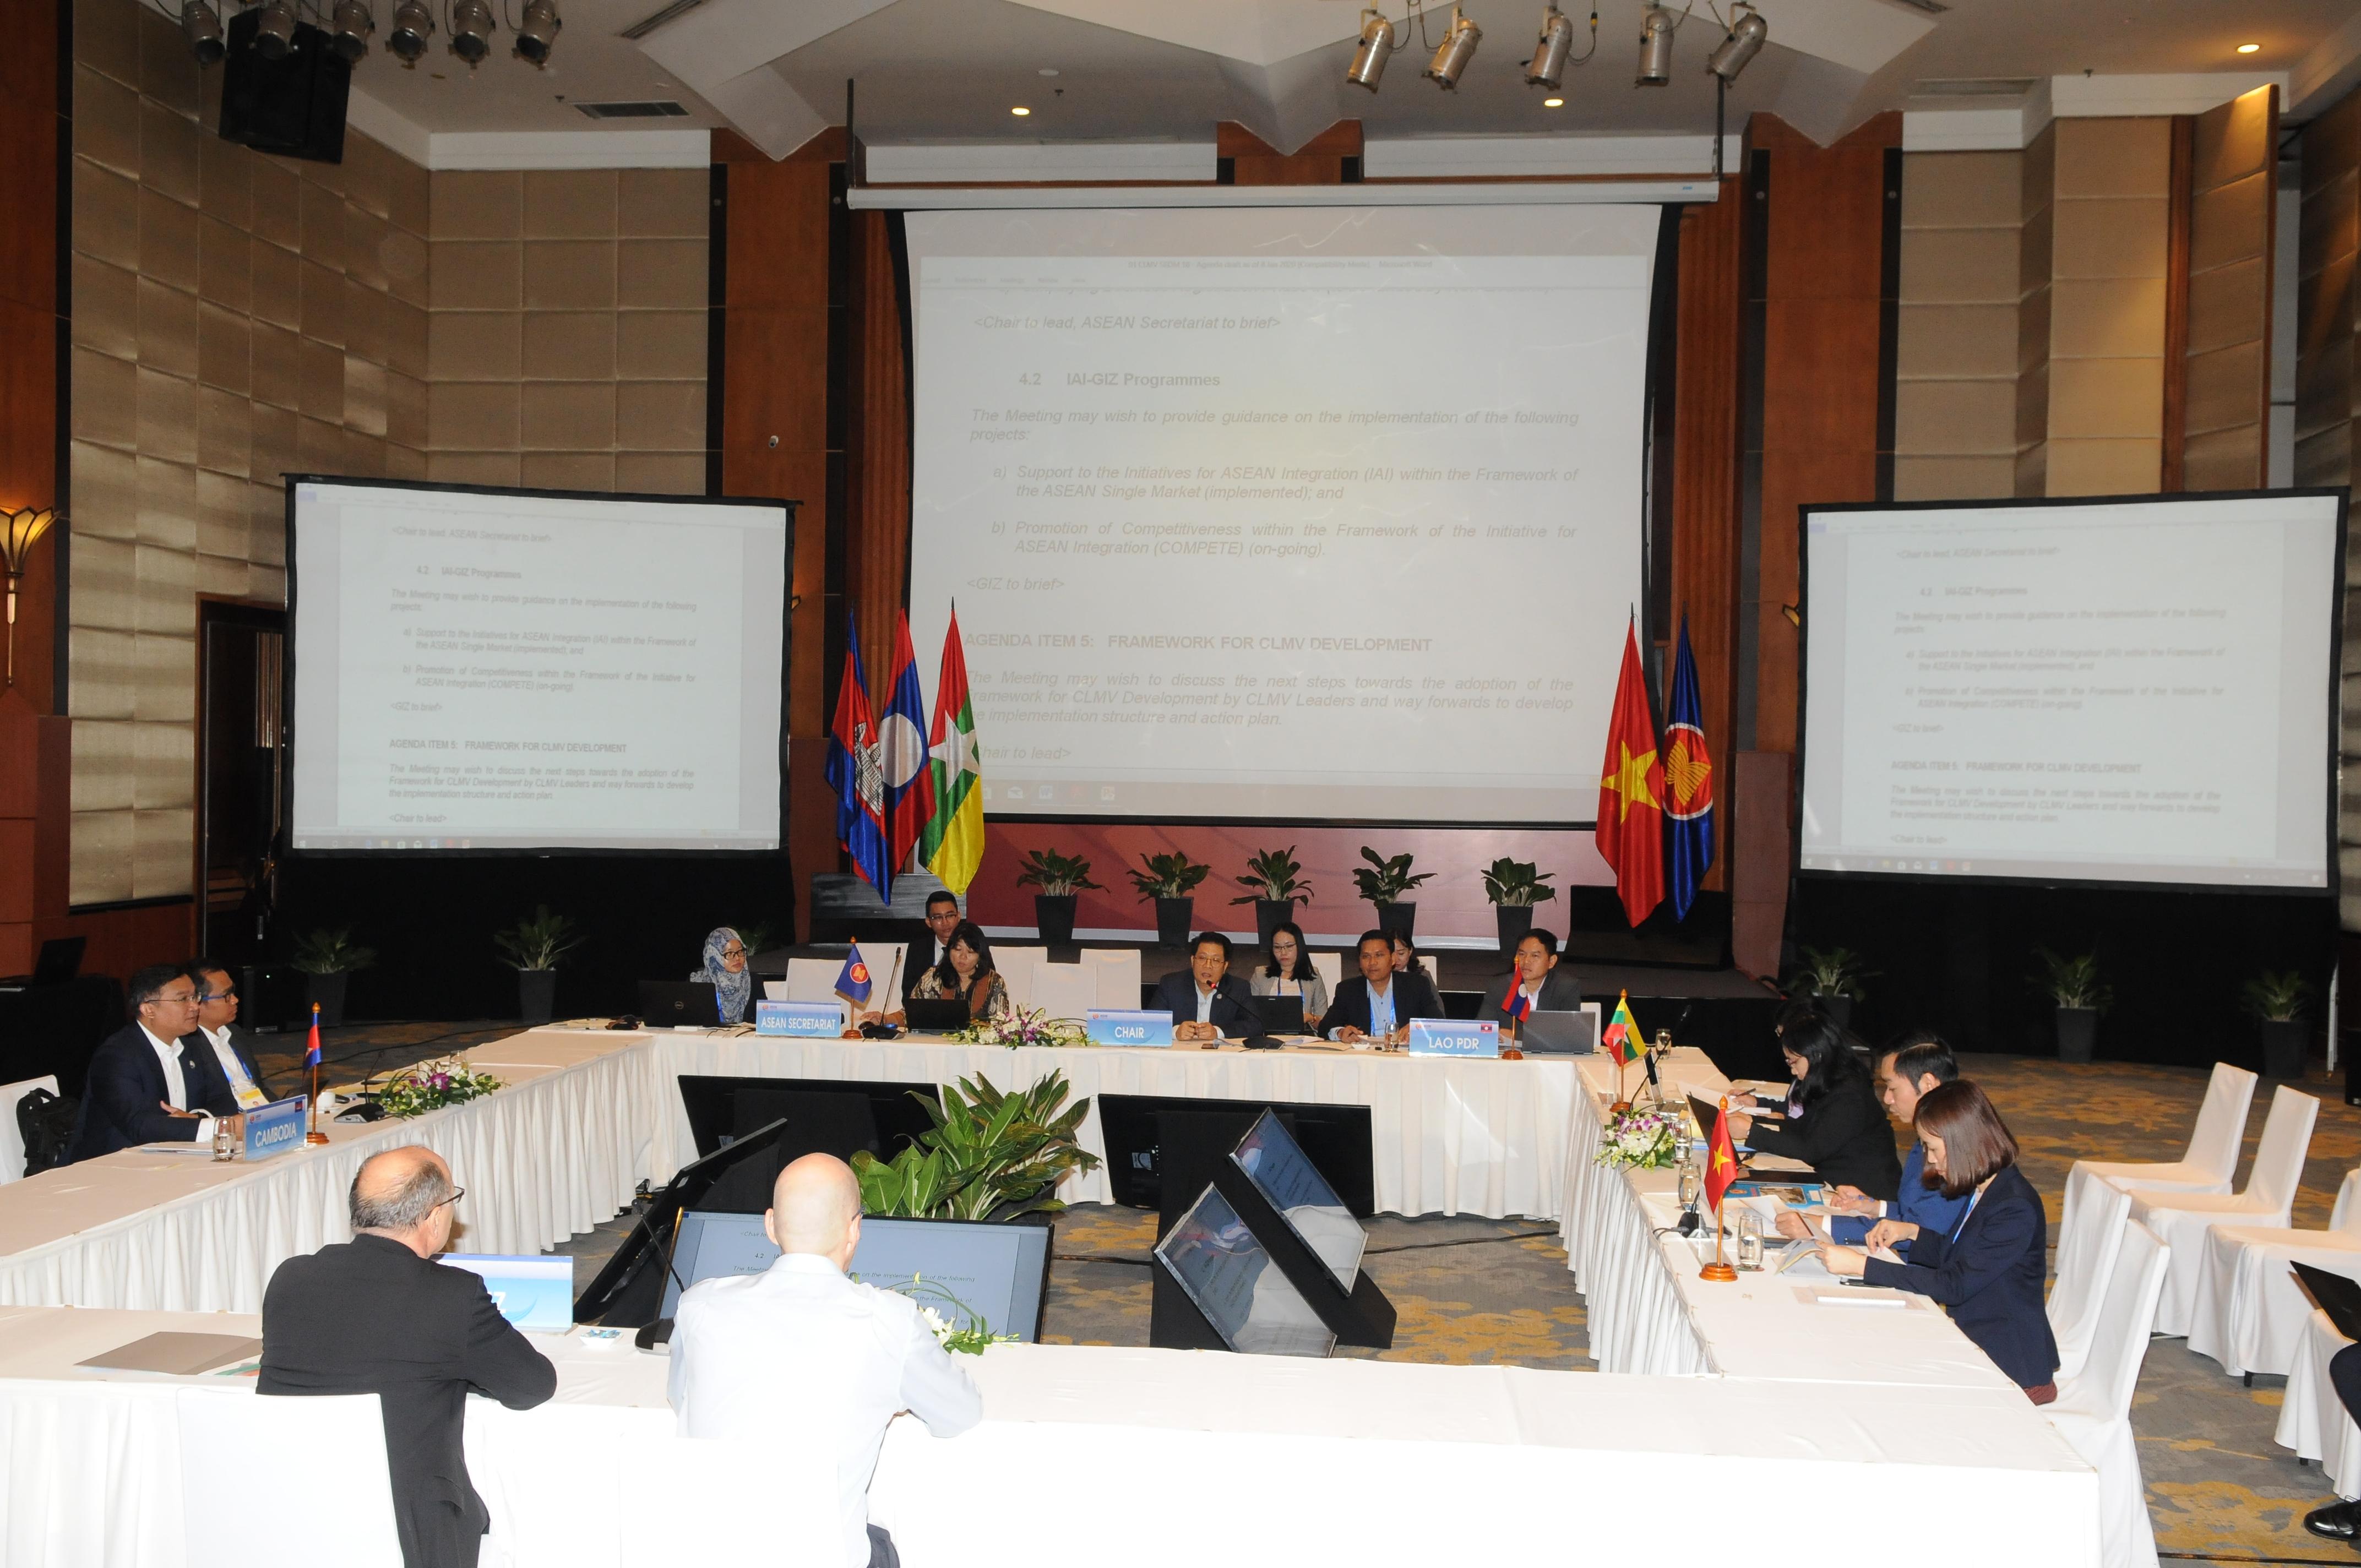 ASEAN 2020 Cuộc họp thứ 18 giữa các nước Campuchia – Lào – Mianma – Việt Nam